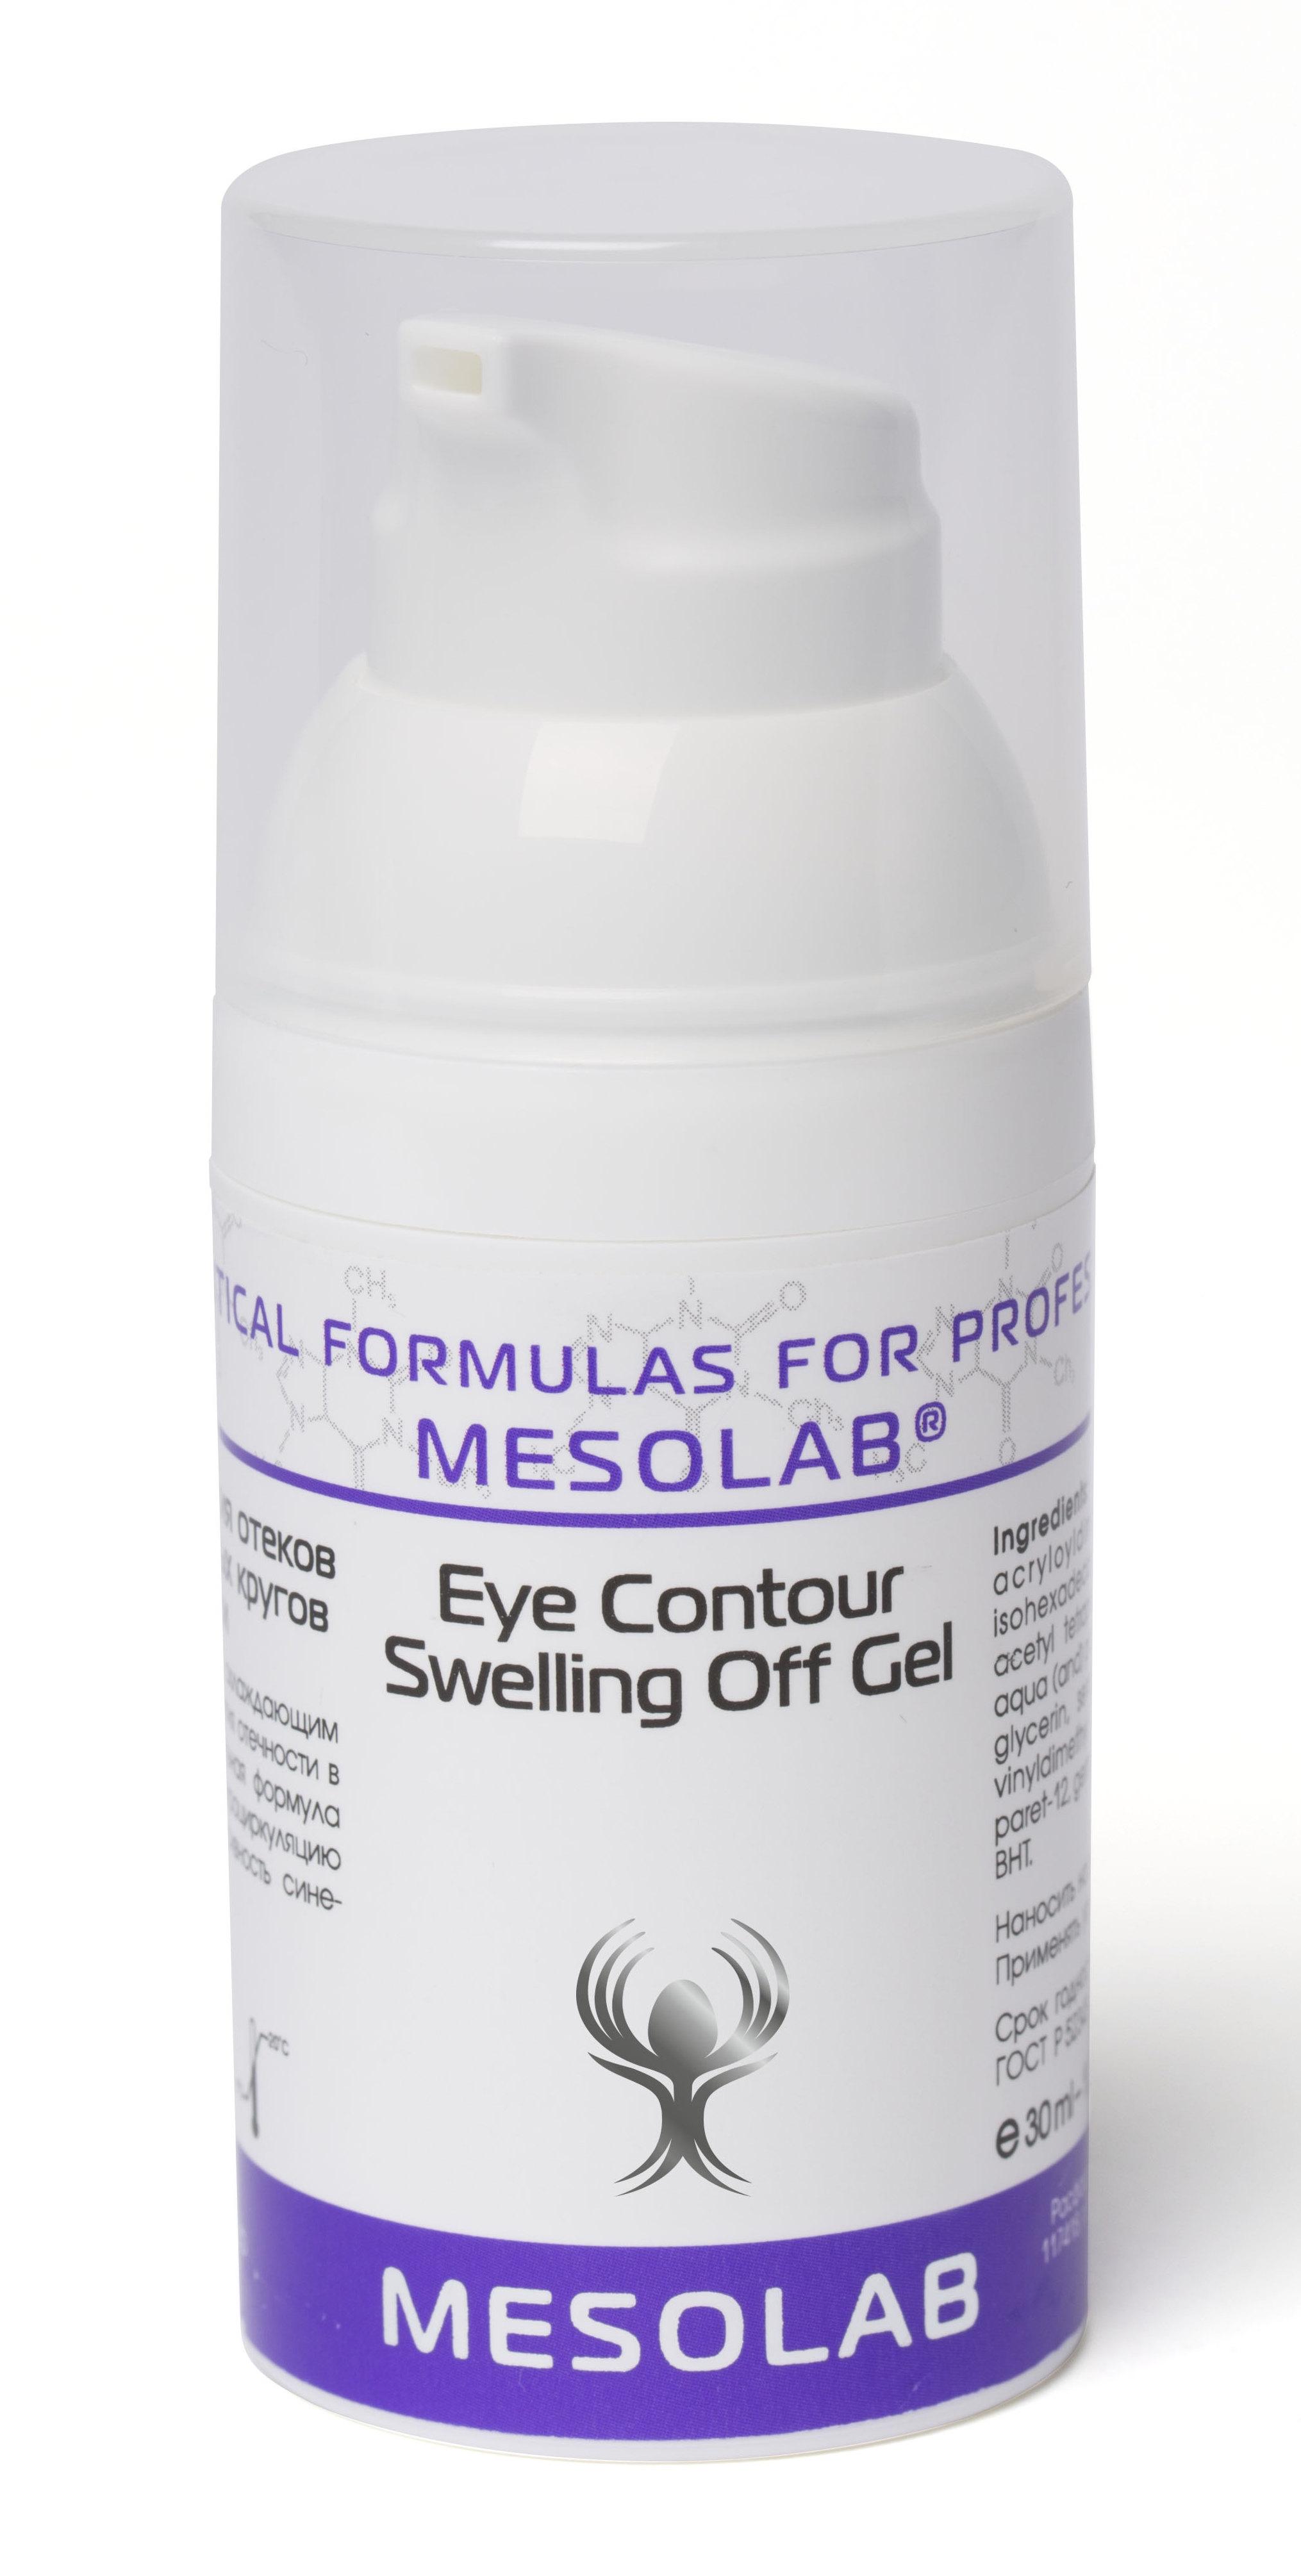 MESOLAB Крем для снятия отеков и осветления темных кругов под глазами / EYE CONTOUR SWELLING OFF GEL 30 мл -  Кремы